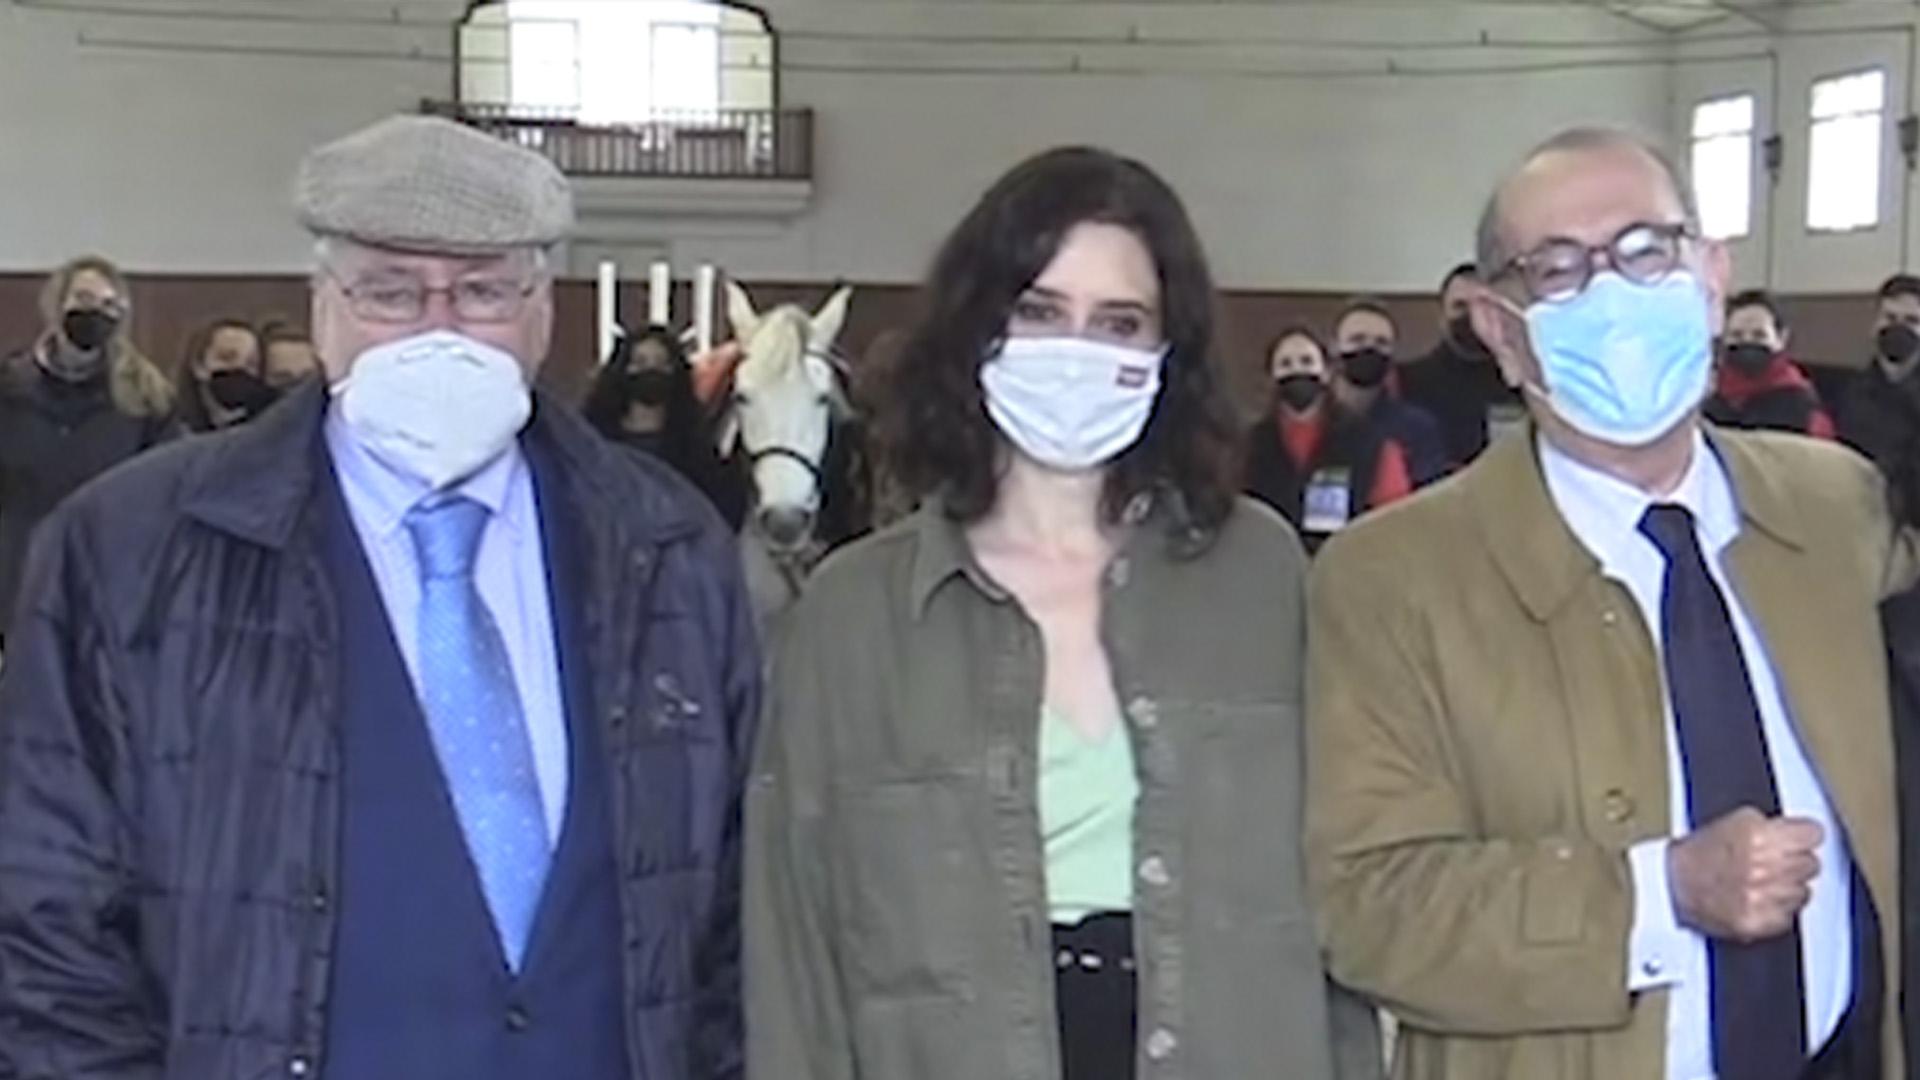 Joaquín Leguina, Isabel Díaz Ayuso y Nicolás Redondo Terreros.